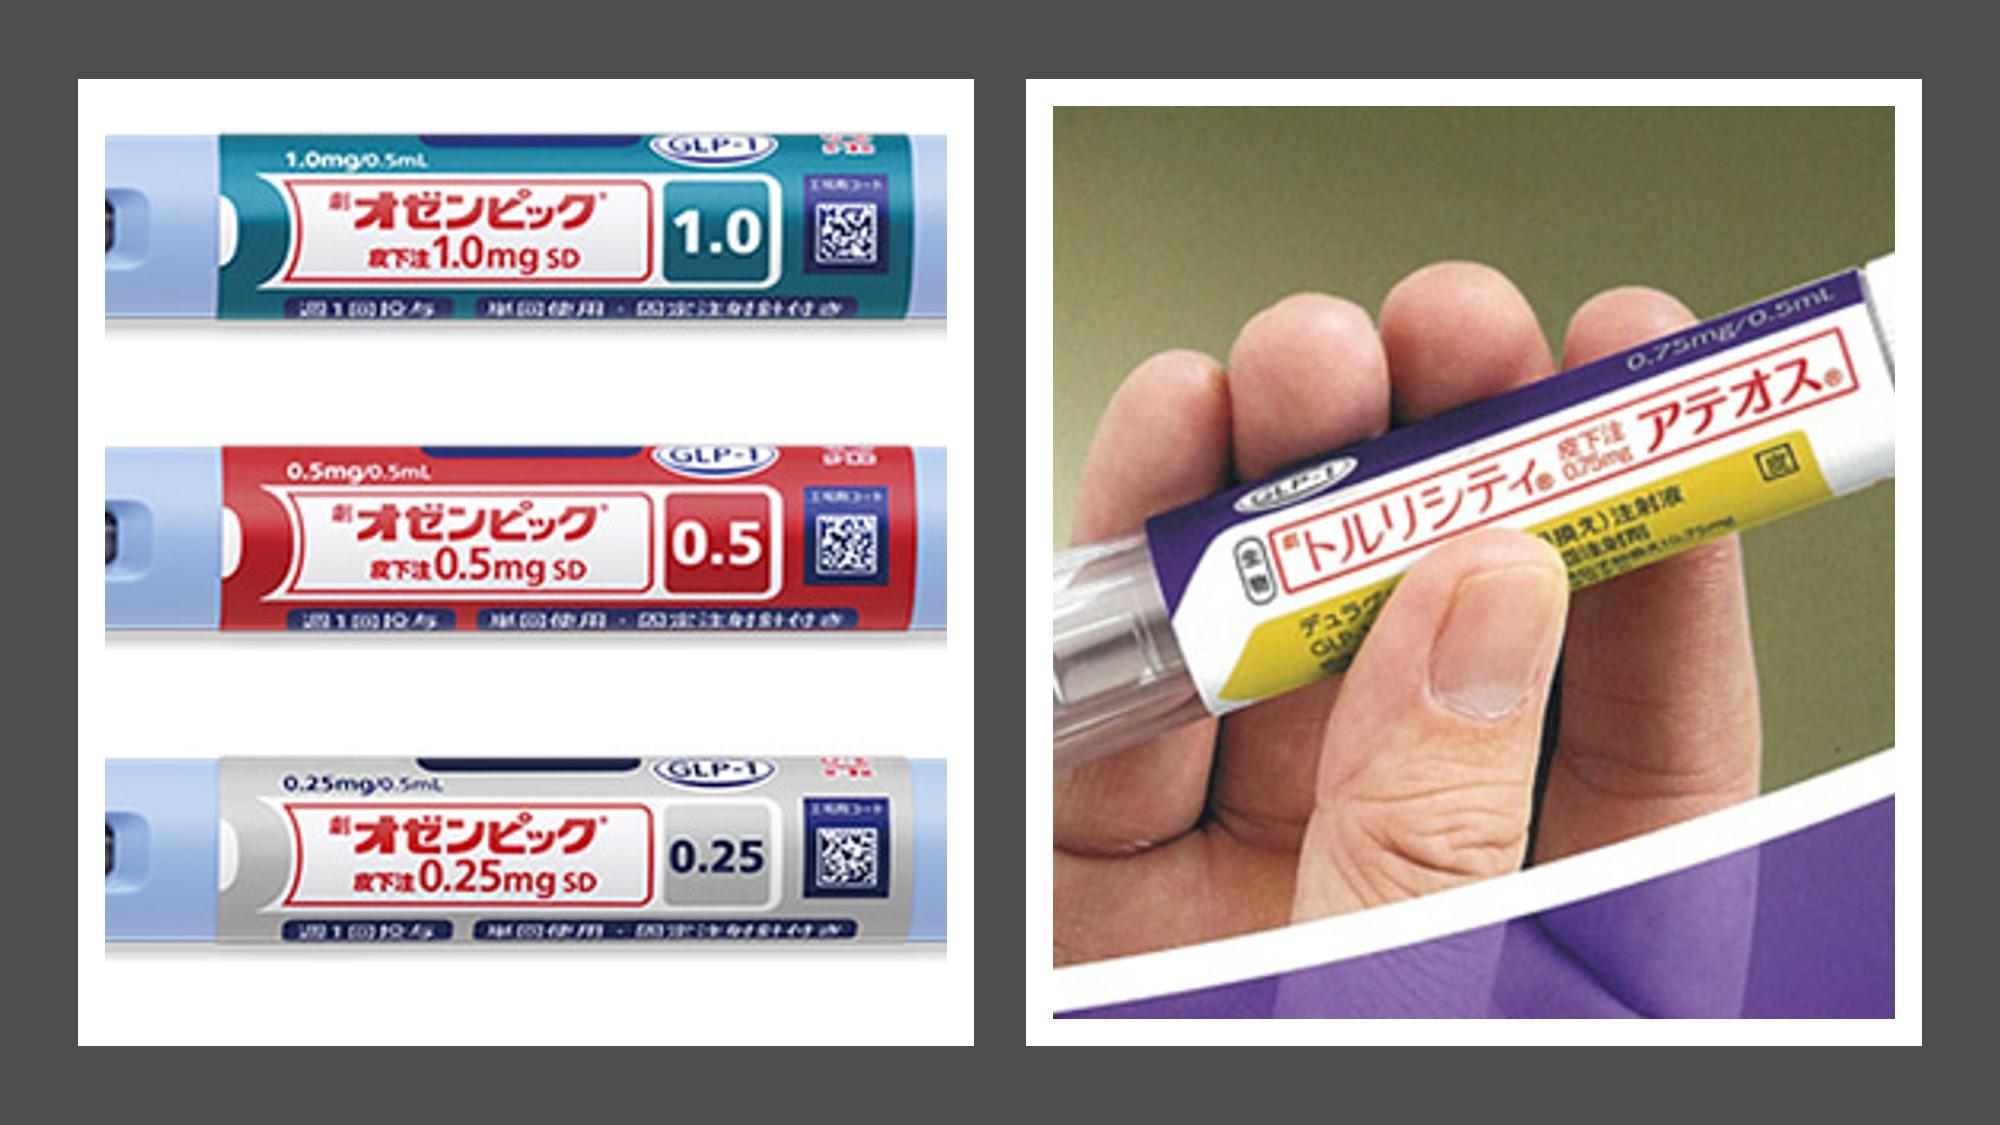 GLP-1注射薬オゼンピックとトルリシティ